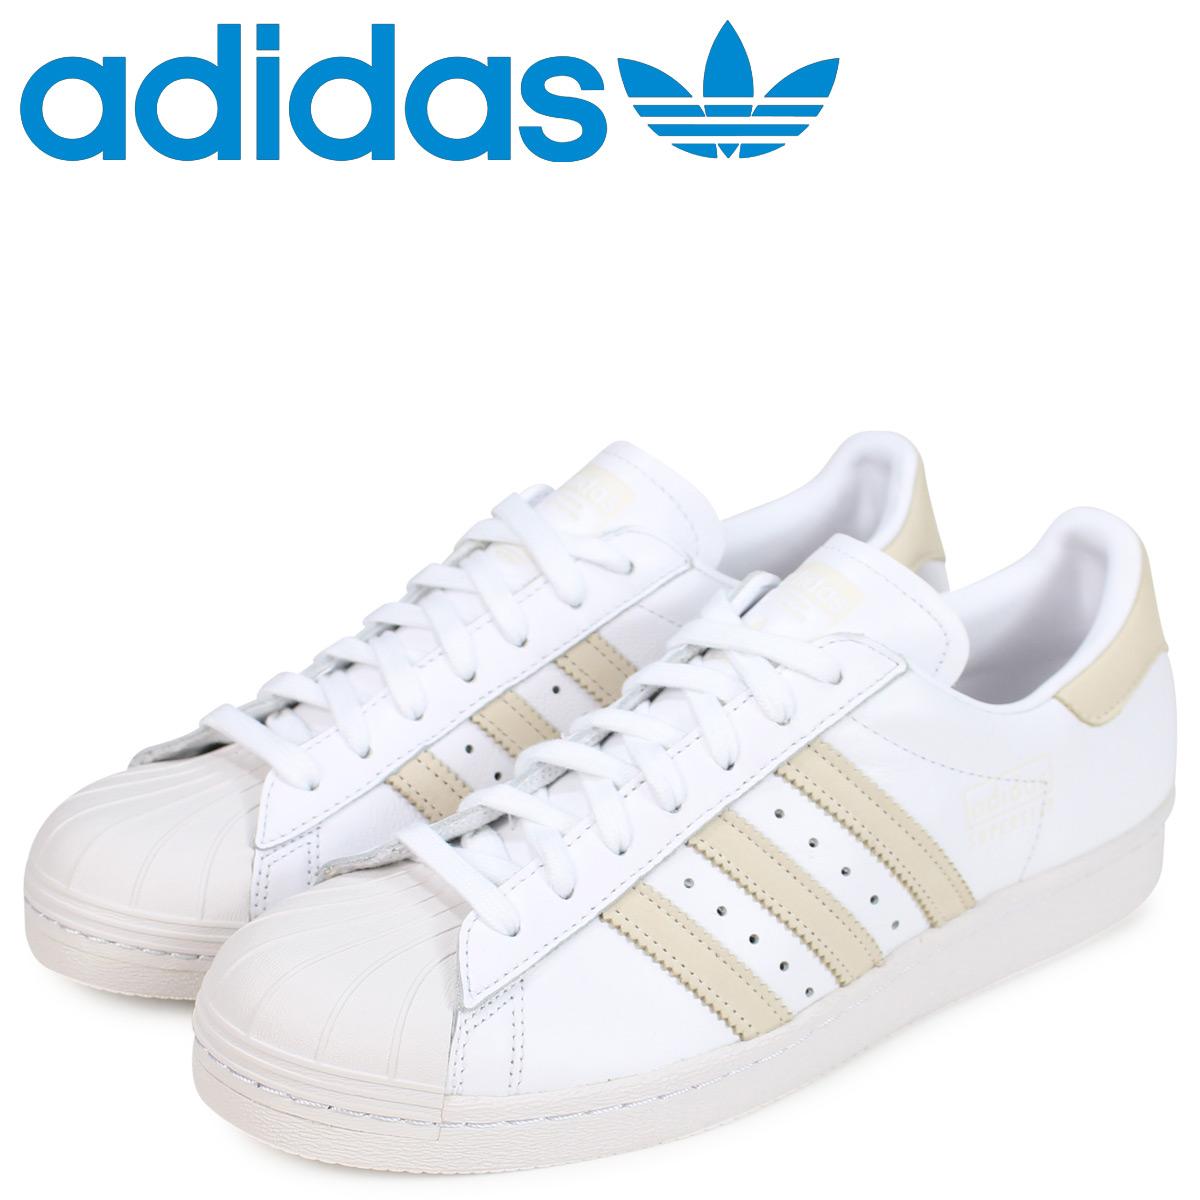 adidas Originals スーパースター 80s アディダス オリジナルス スニーカー メンズ SUPERSTAR ホワイト 白 CG7085